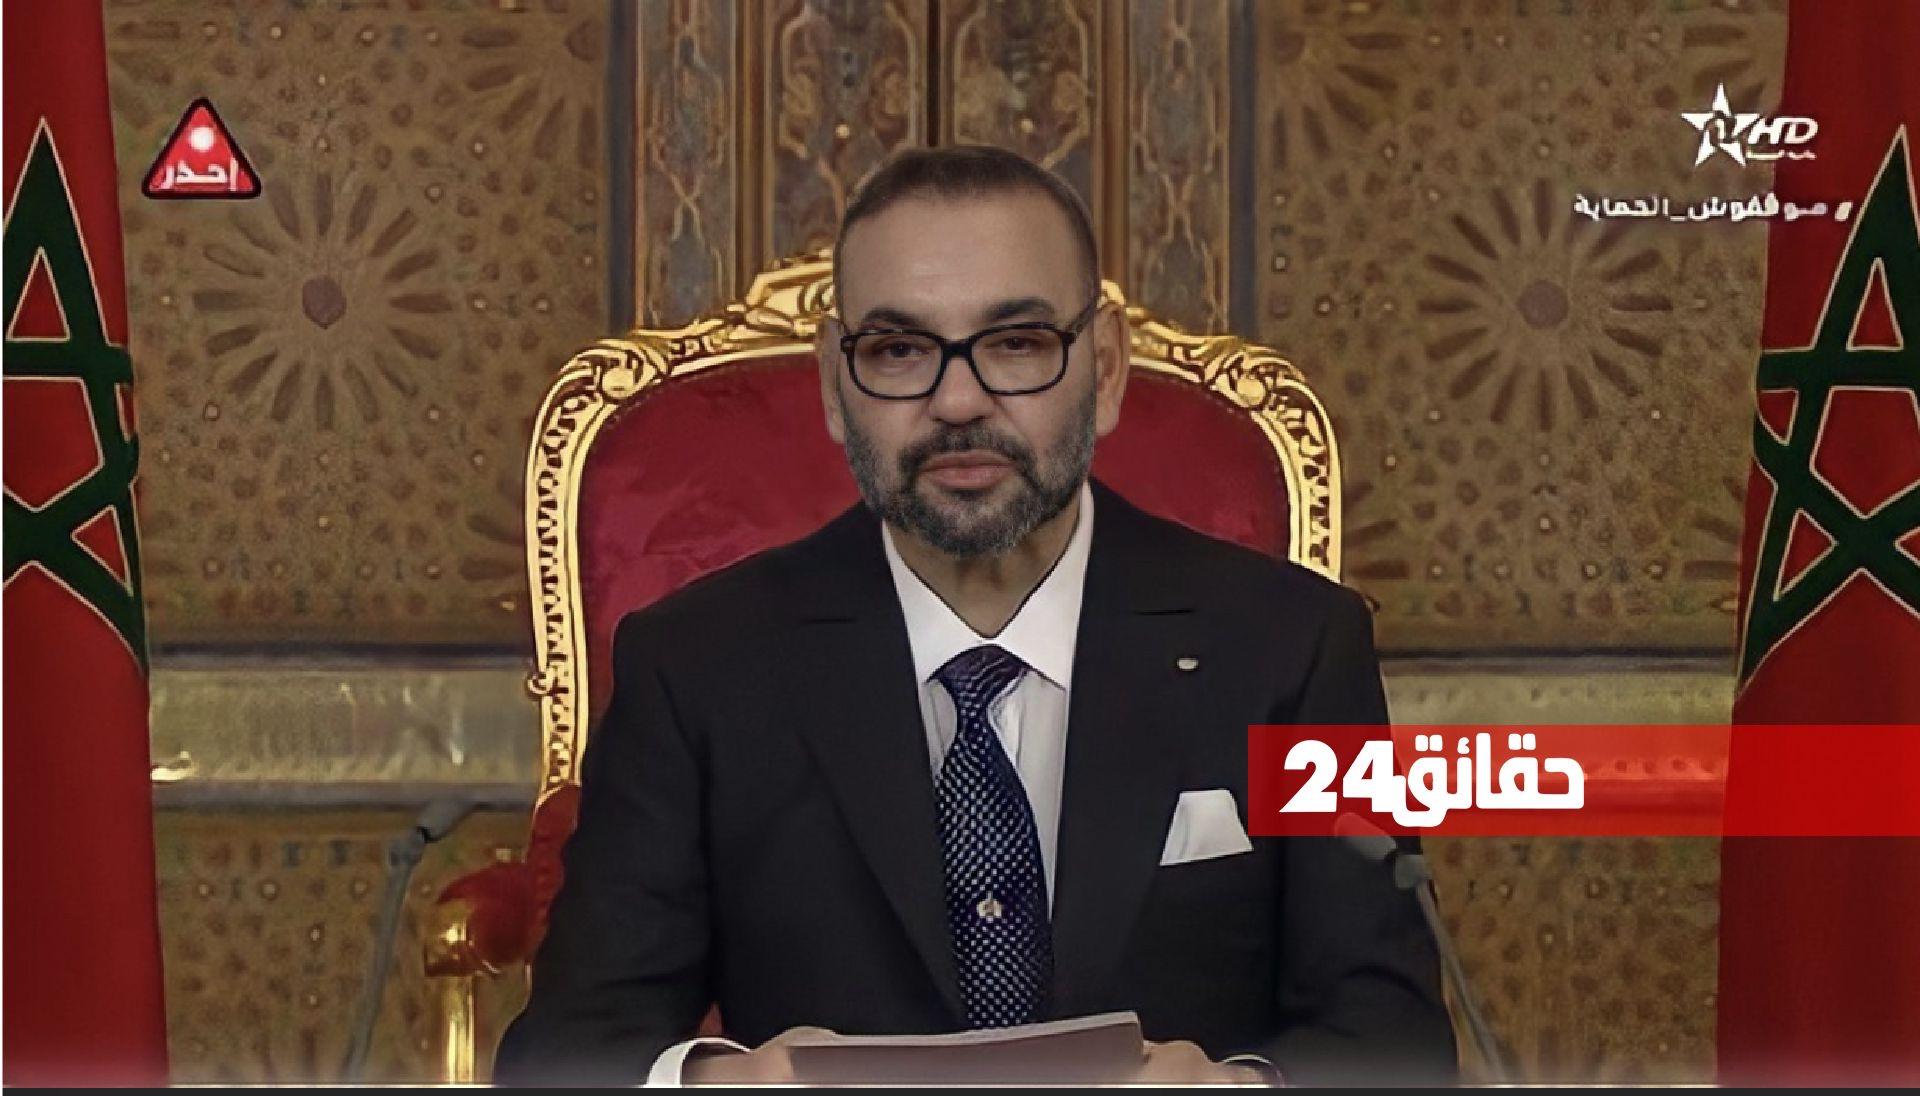 صورة الملك : من حقنا اليوم أن نعتز بنجاح المغرب في معركة الحصول على اللقاح